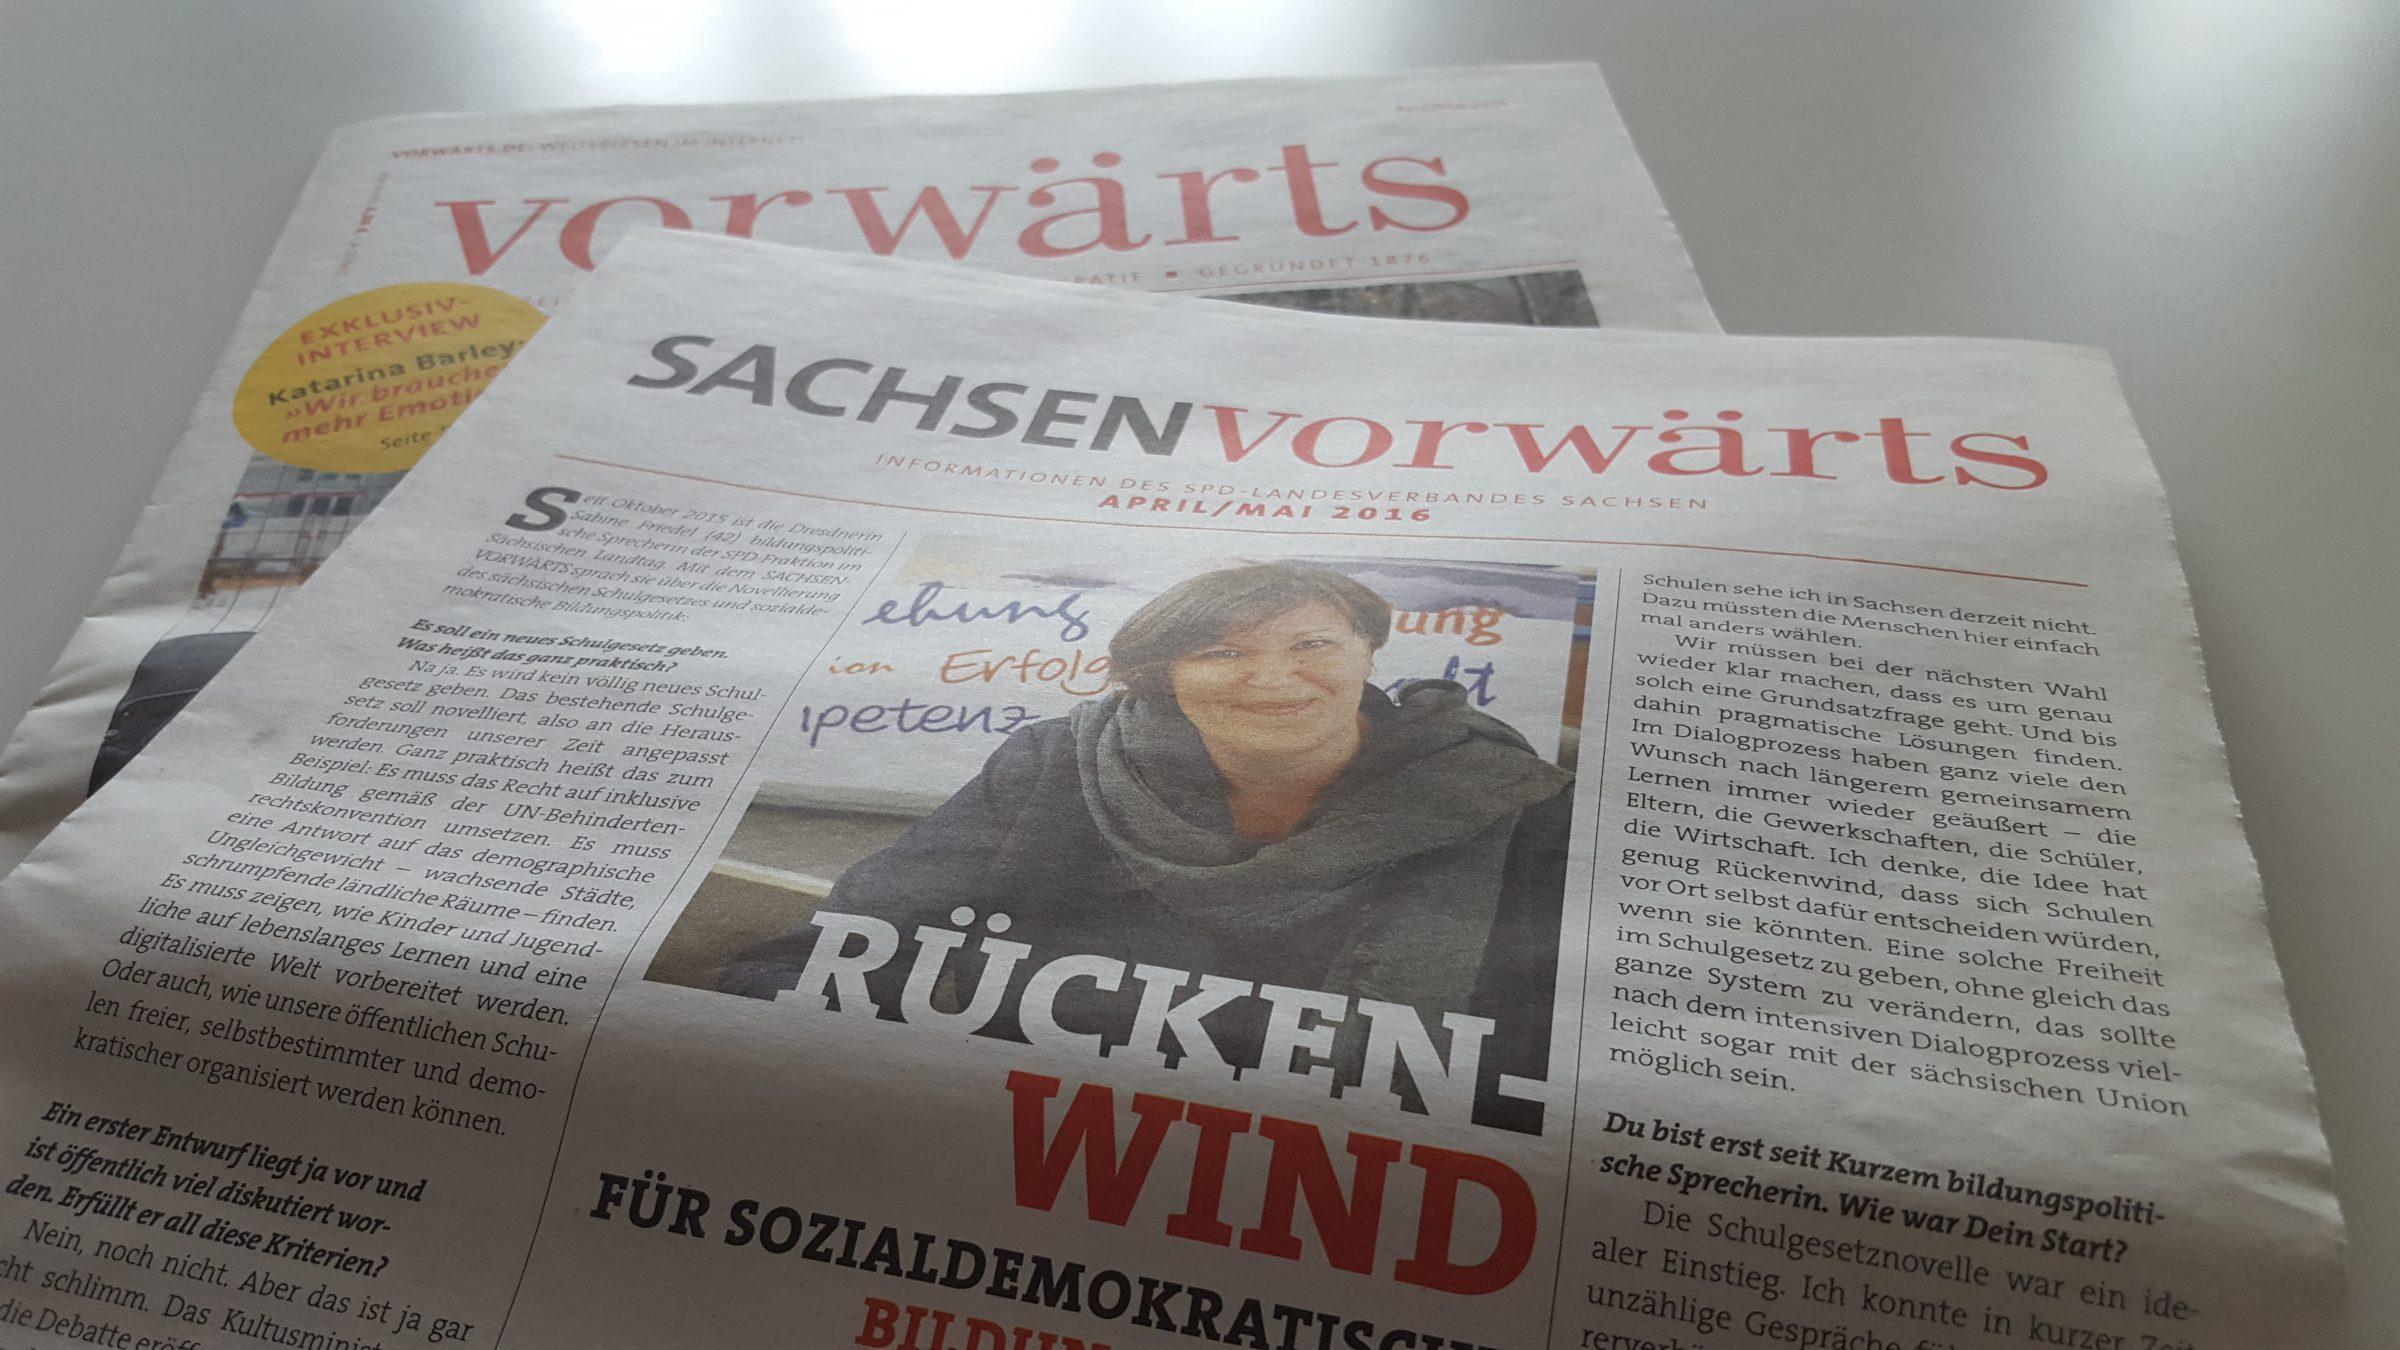 Rückenwind für sozialdemokratische Bildungspolitik?